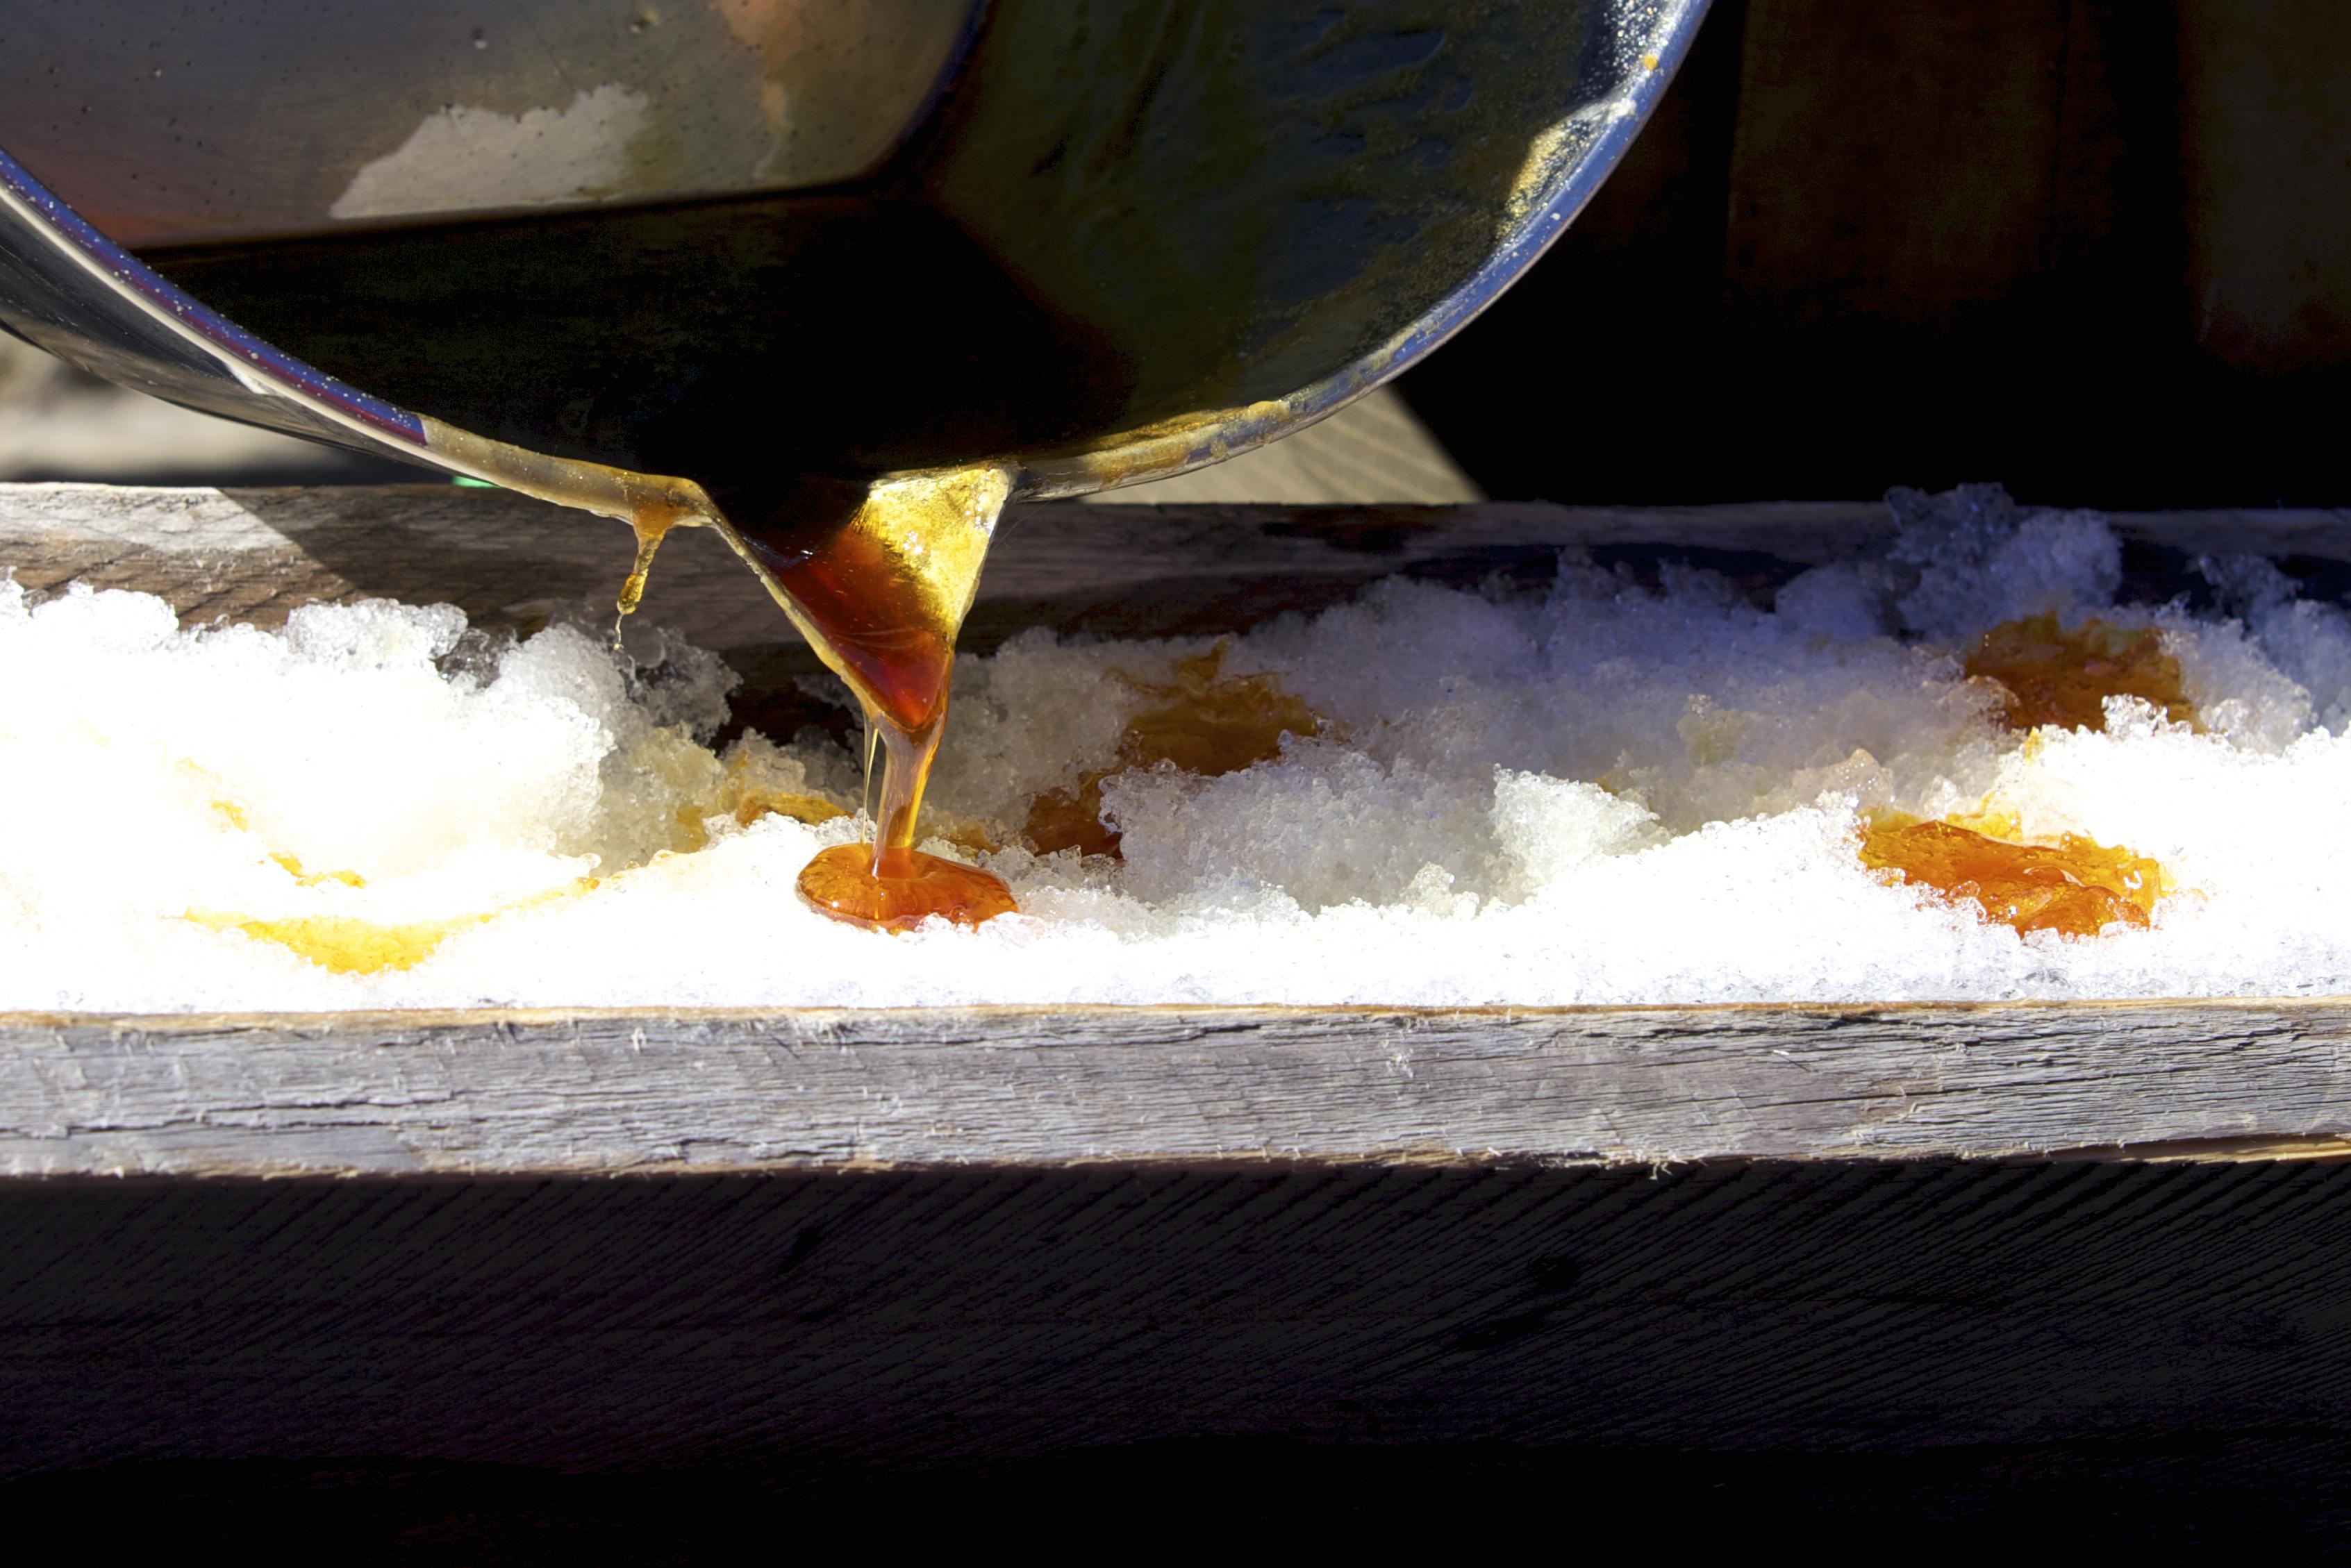 Cabaña de azúcar